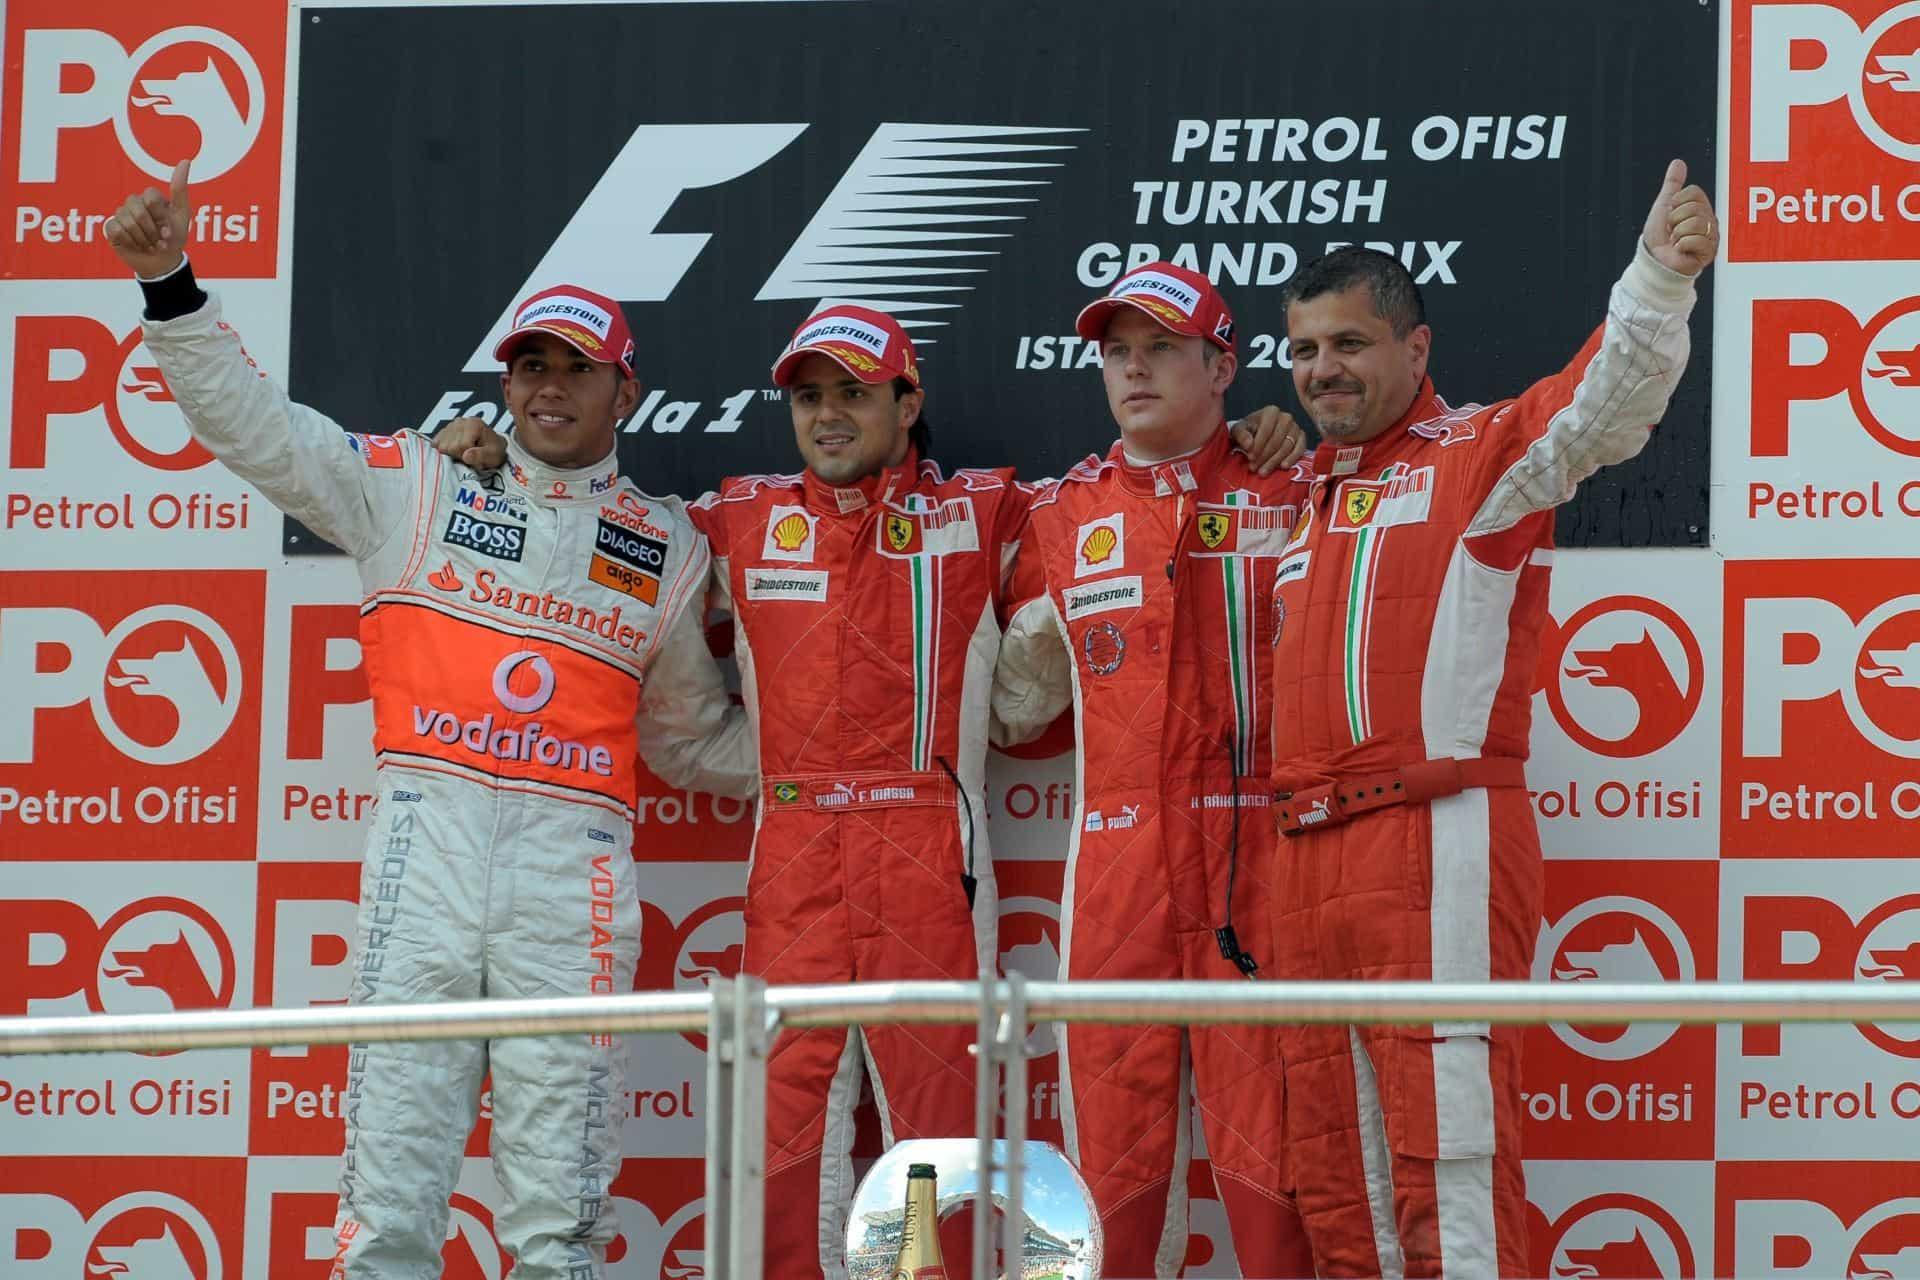 Turkish GP F1 2008 podium Massa Raikkonen Hamilton Foto Ferrari